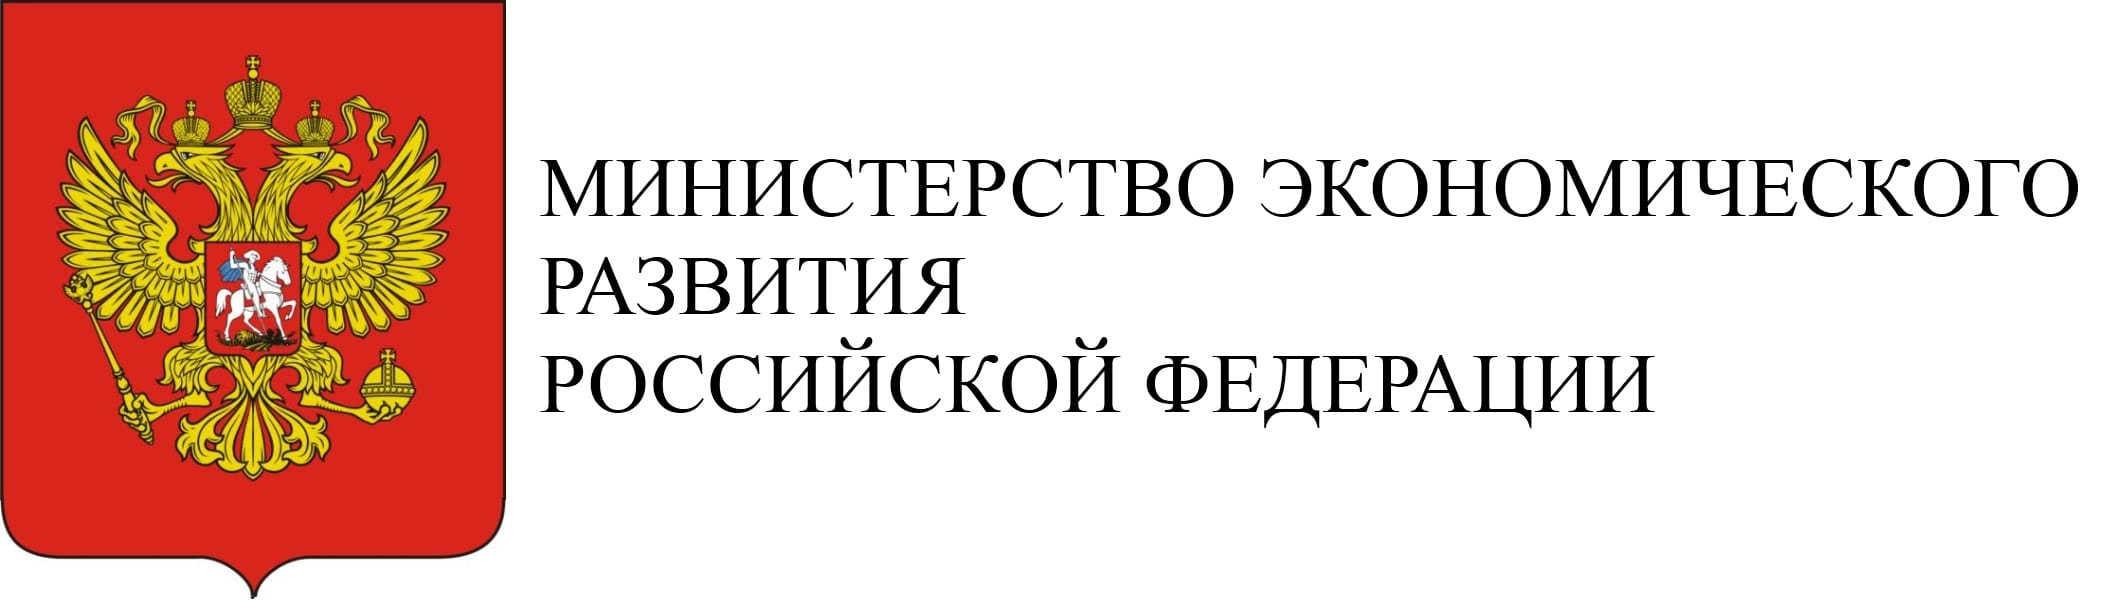 Приказ Минэкономразвития России